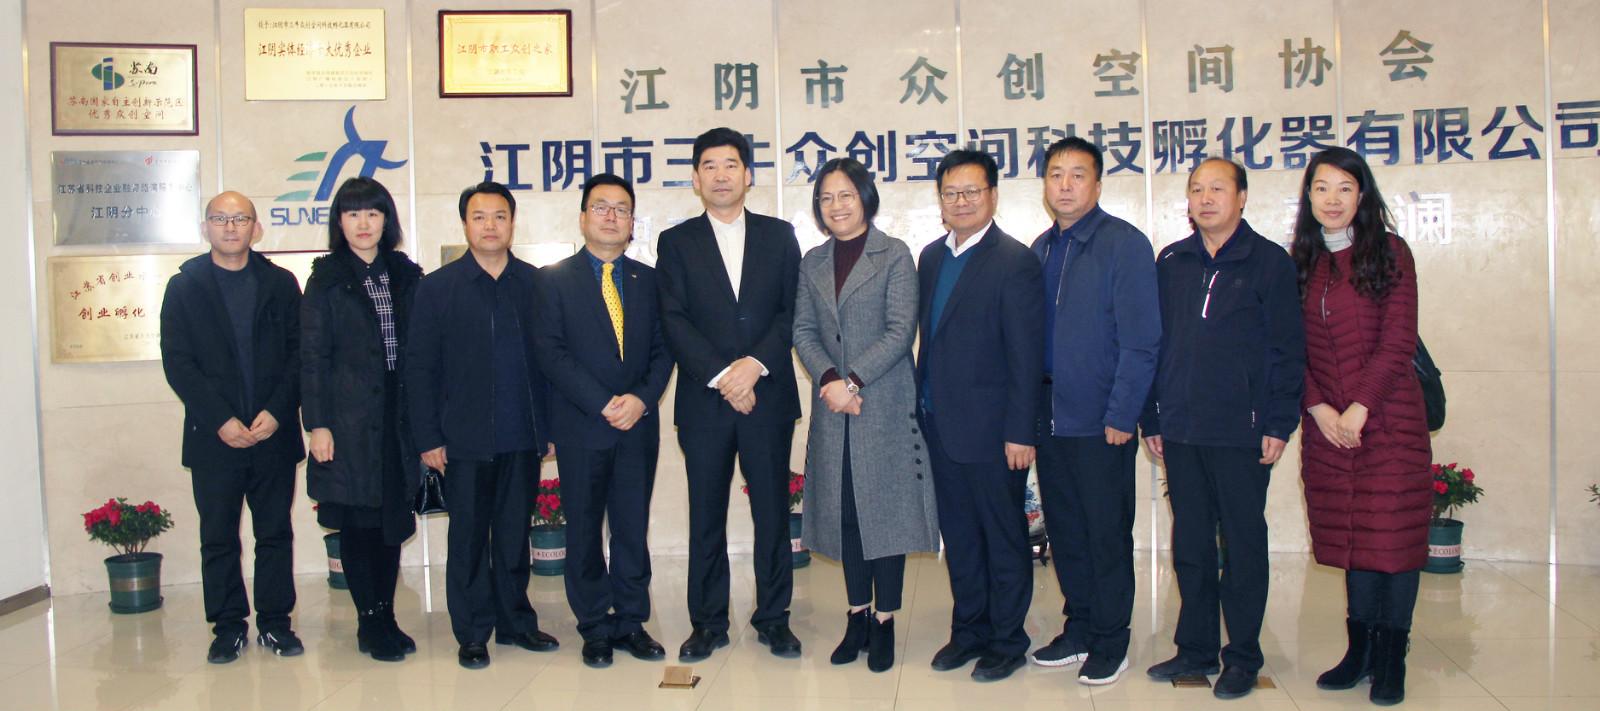 热烈欢迎甘肃酒泉市县教育局长莅临江苏圣澜参观考察